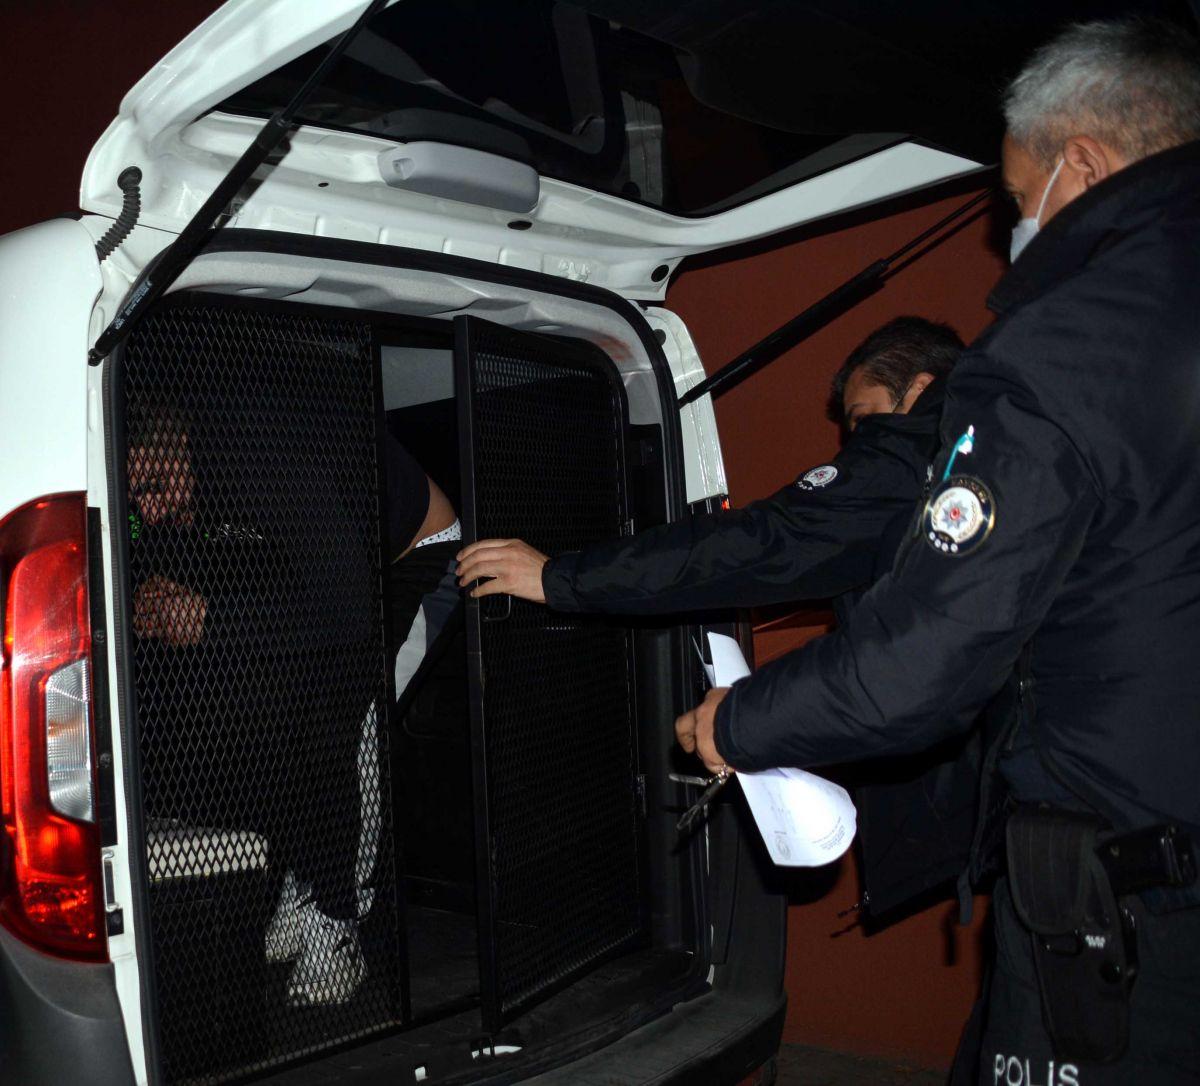 Kayseri de, eşi tarafından alıkonulan kadını polis kurtardı #4